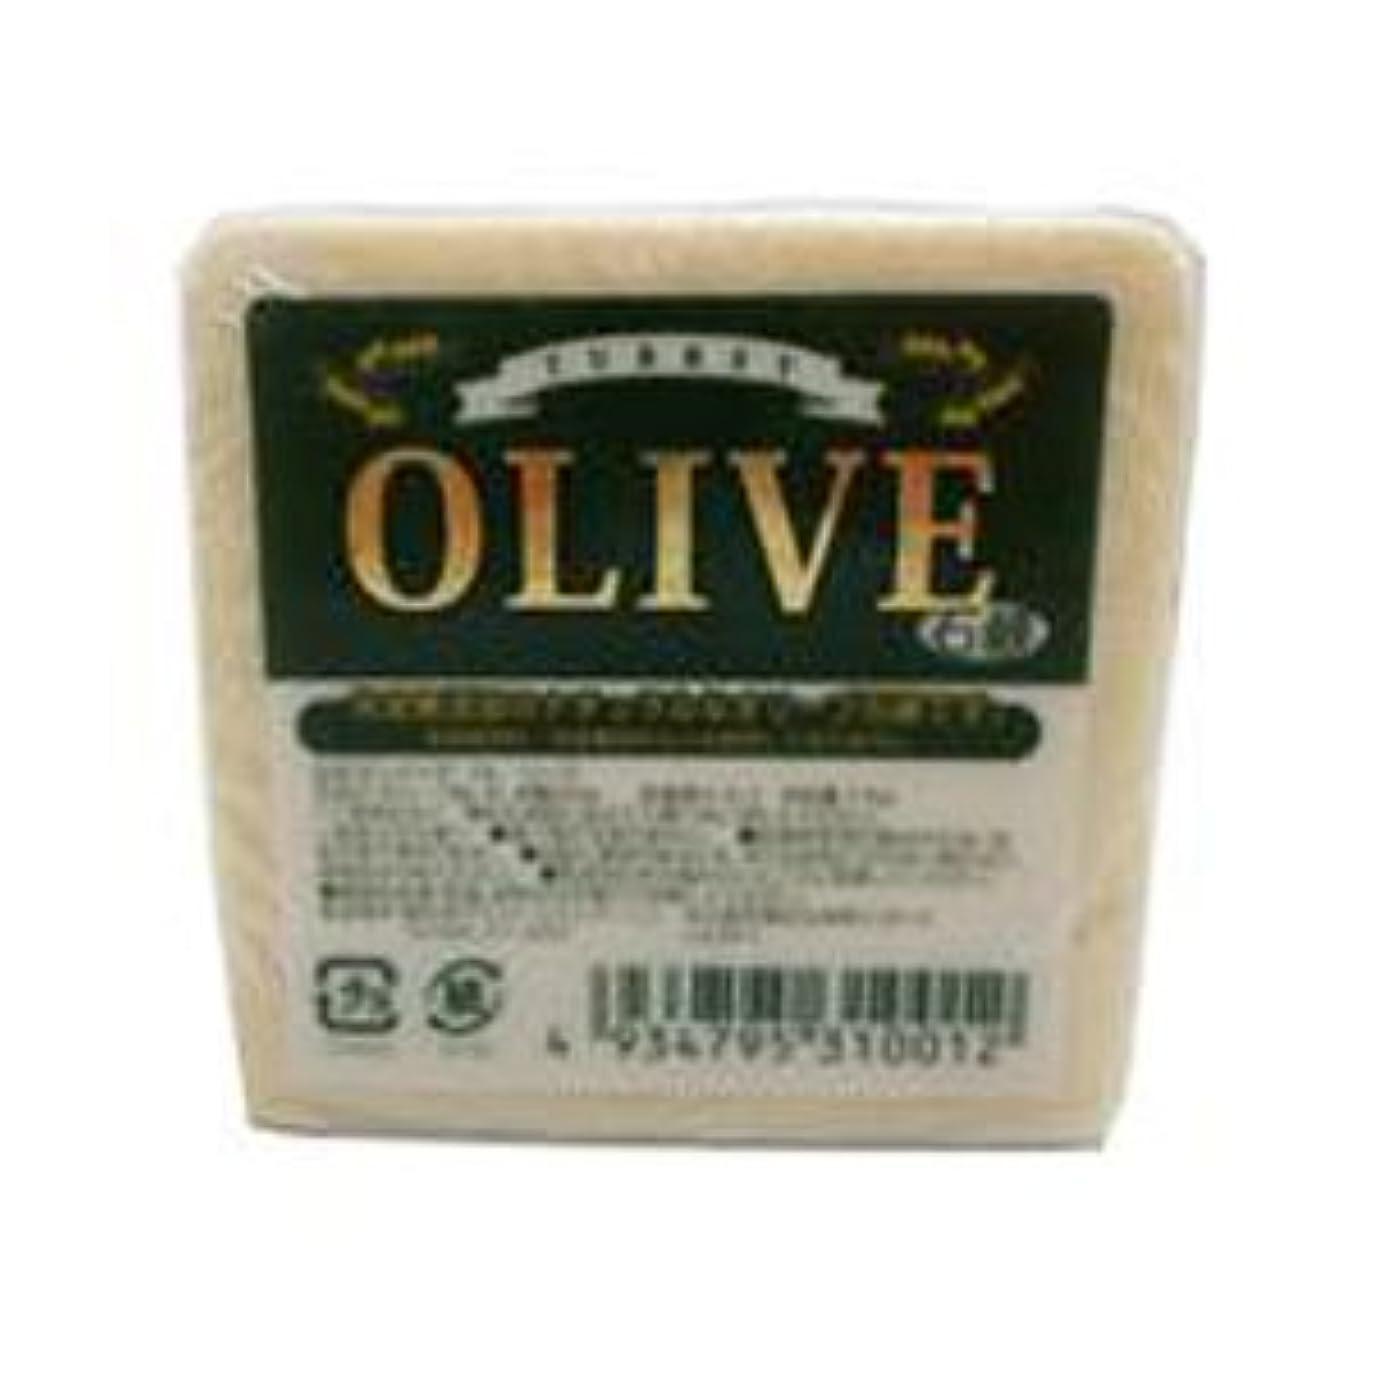 宿題オーバードローロードハウスお得な5個セット トルコ産オリーブを使用した無添加石鹸 ターキーオリーブ石鹸 135g